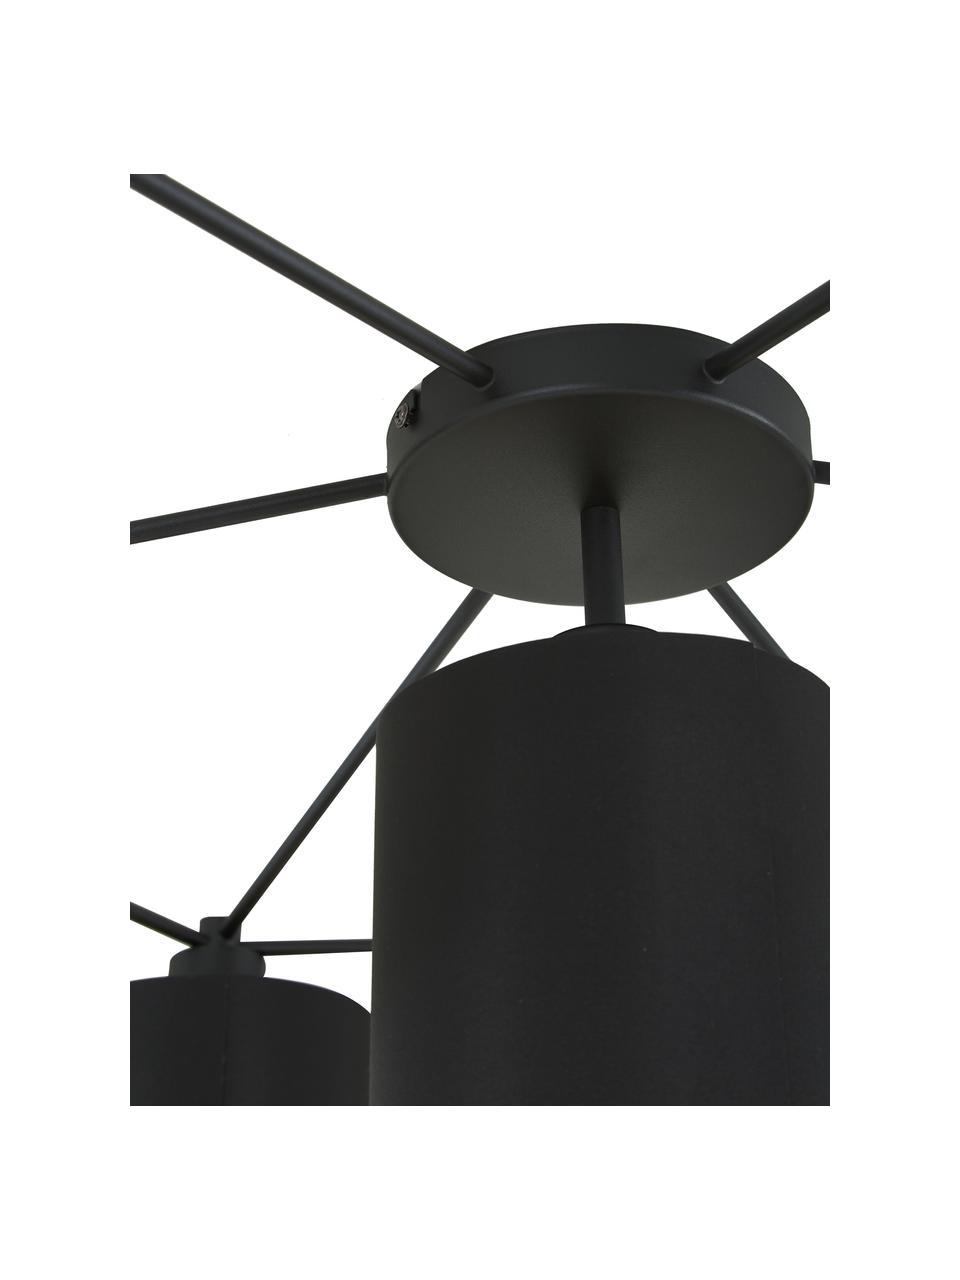 Große Deckenleuchte Staiti in Schwarz-Gold, Baldachin: Stahl, lackiert, Schwarz, Ø 84 x H 24 cm